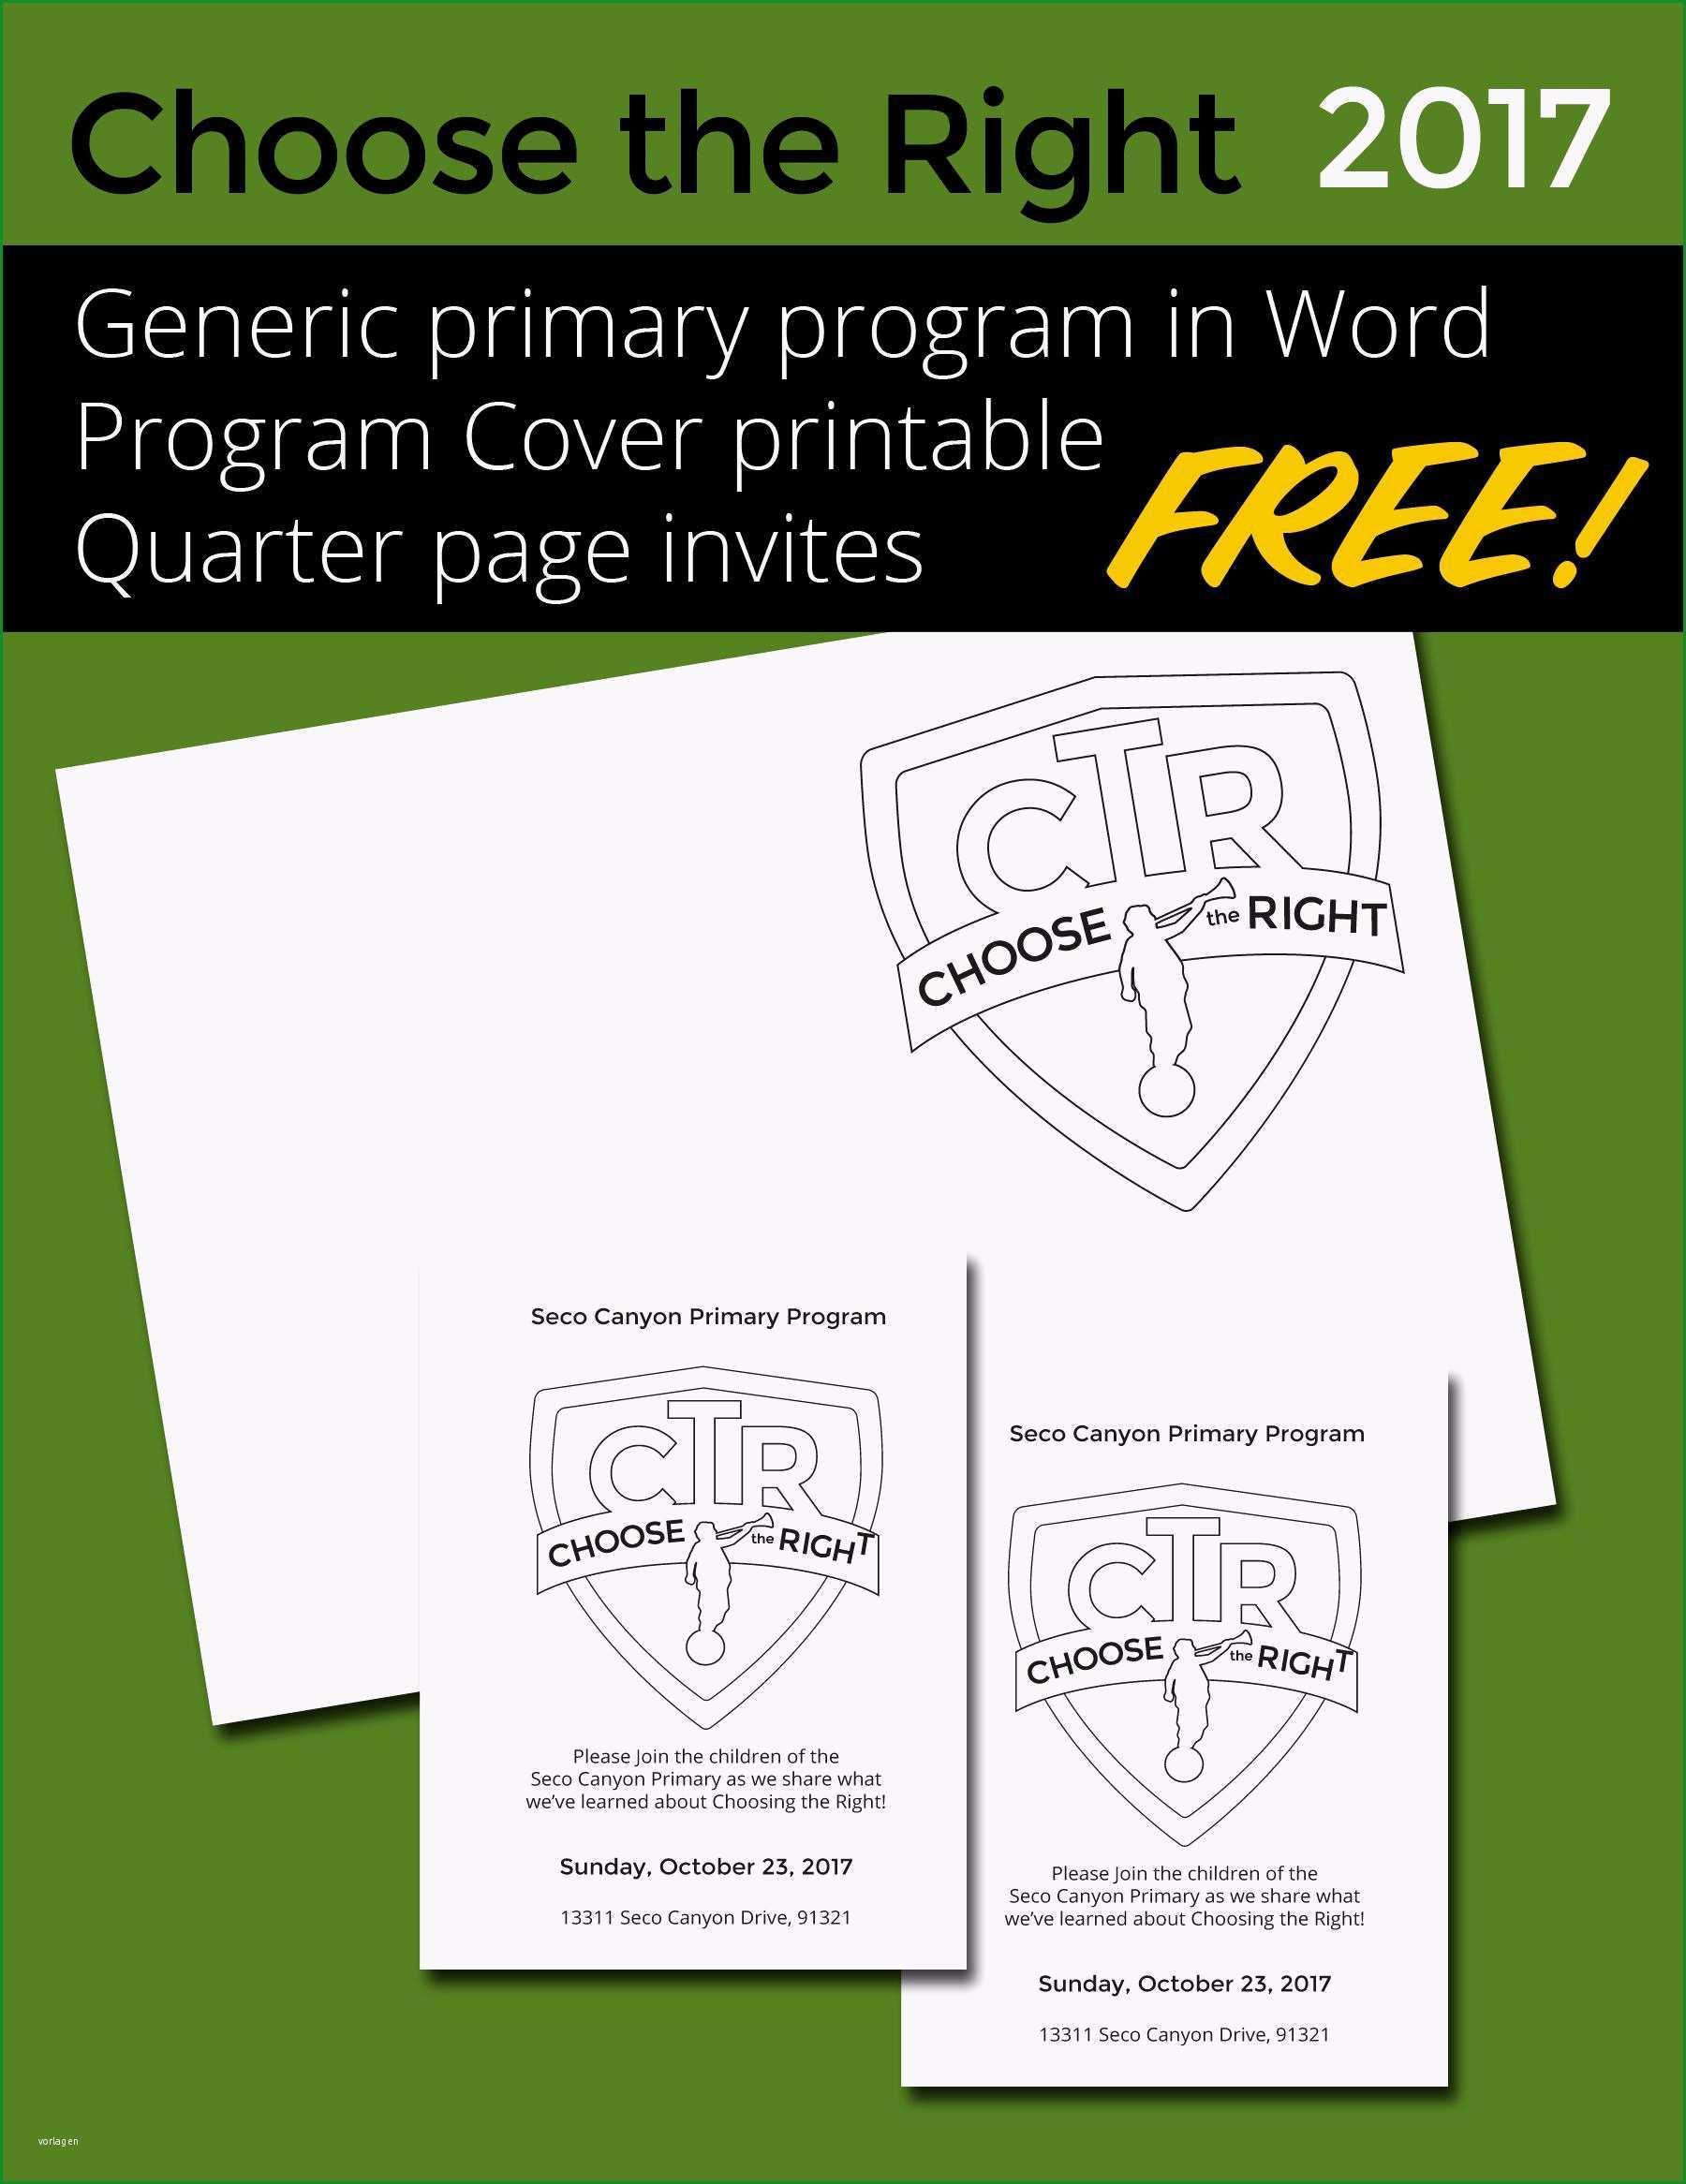 vorlage einladung klassentreffen word vorlage einladung klassentreffen word 4